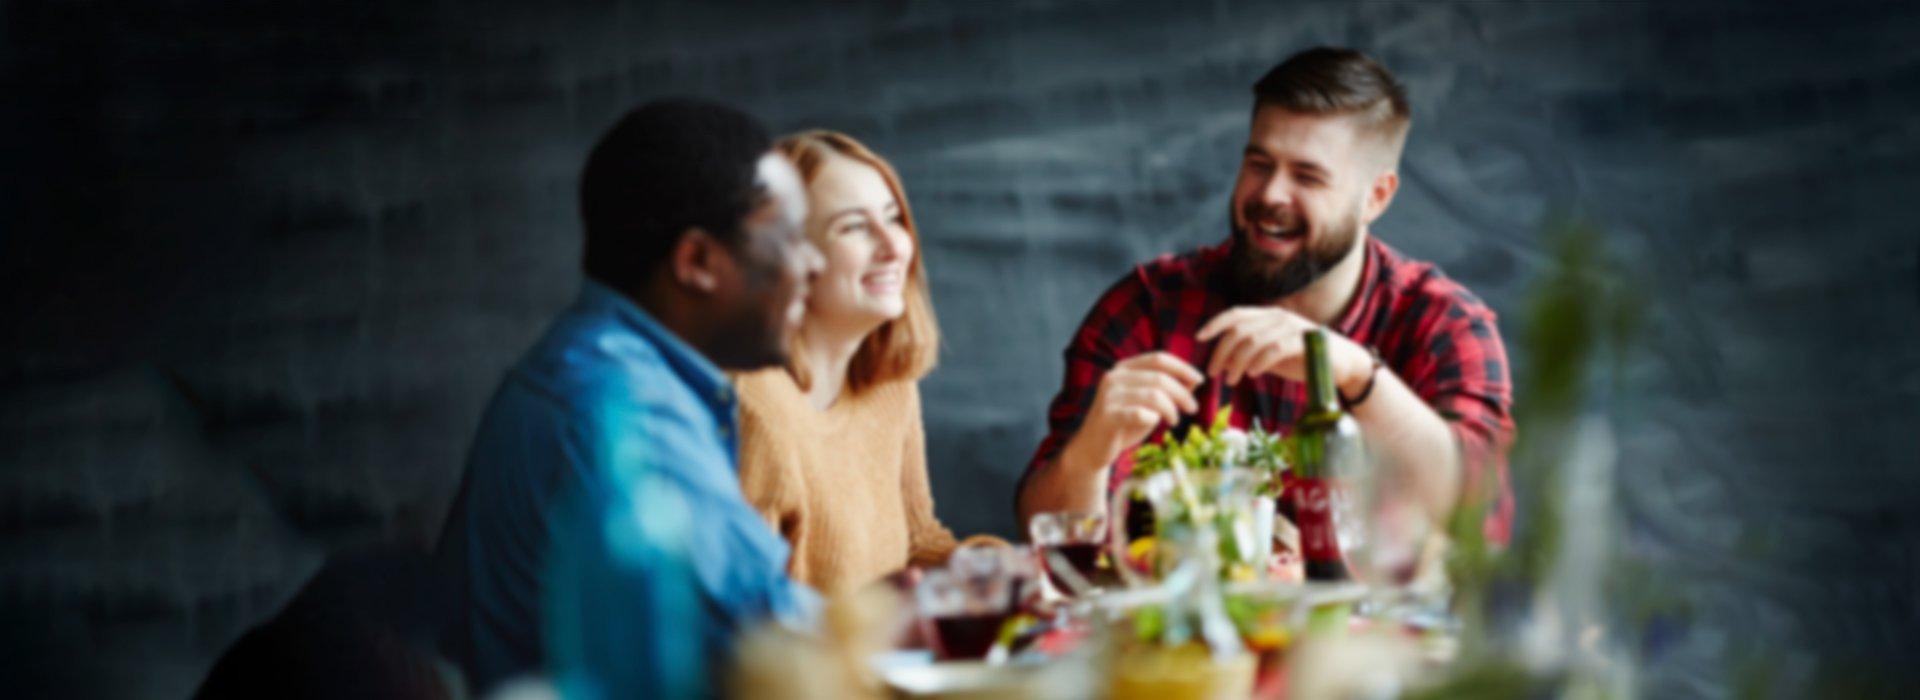 boule de noel dans assiette sur table dressée pour un repas en famille